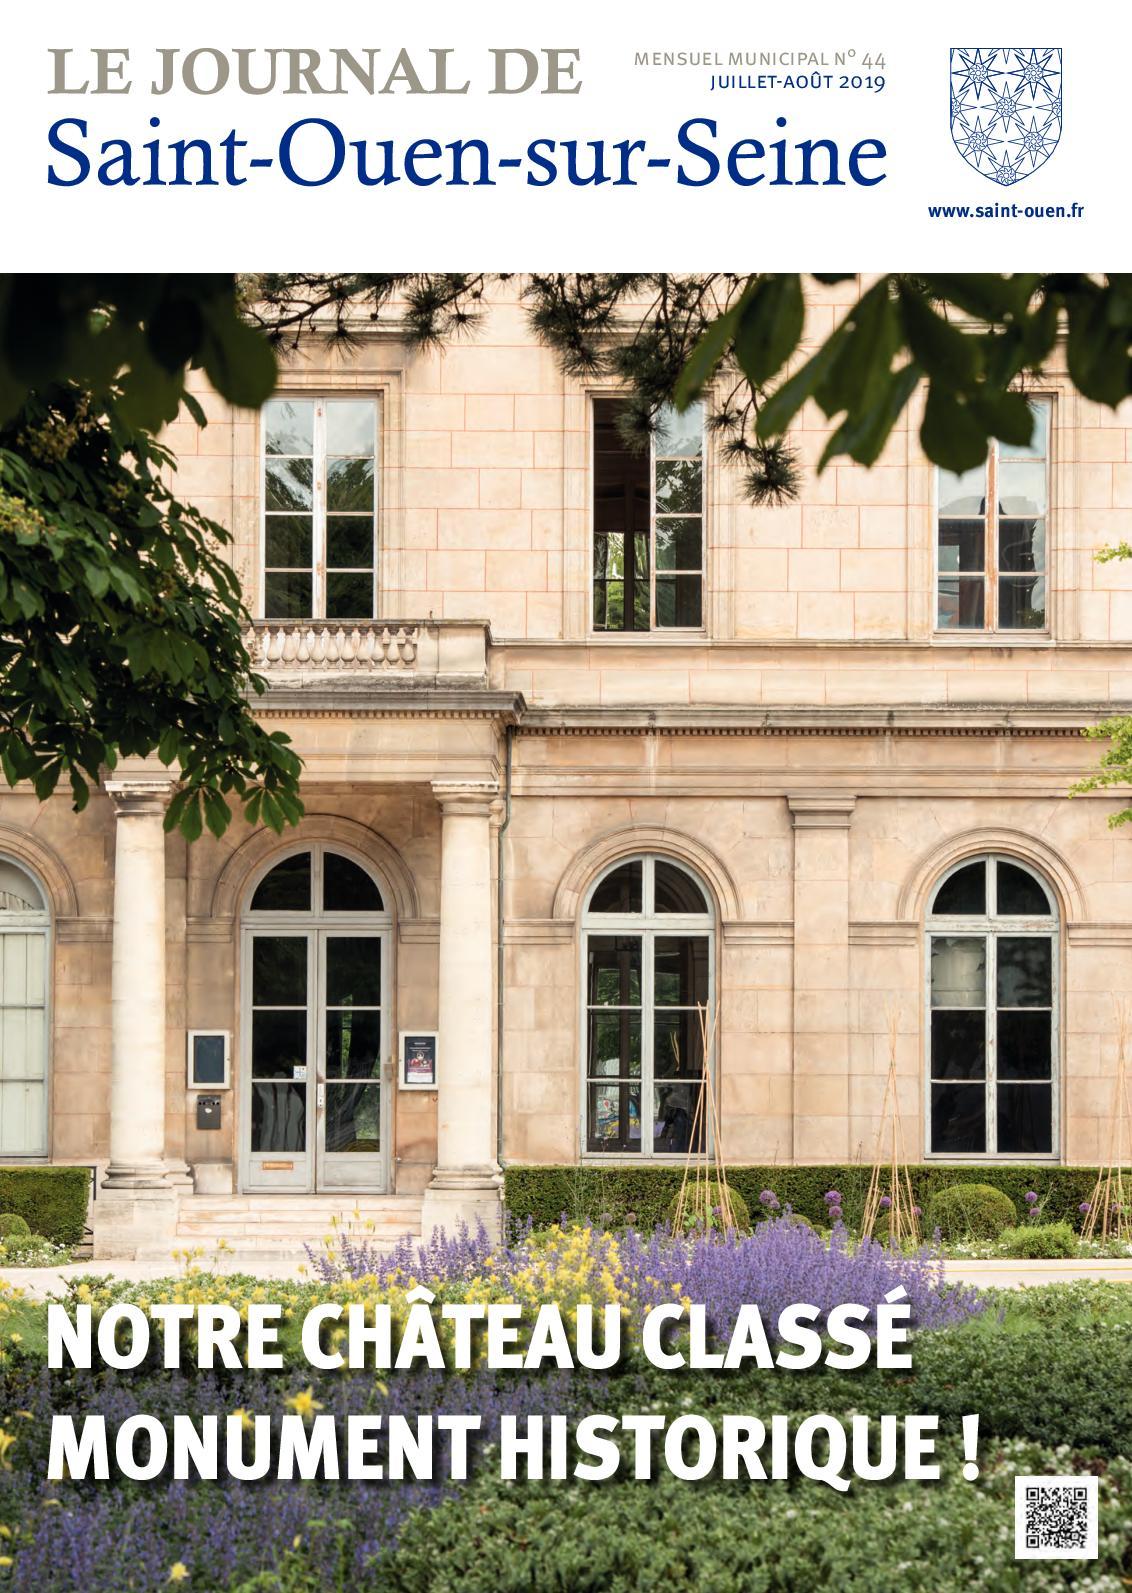 Calaméo Le Journal De Saint Ouen Sur Seine N44 été 2019